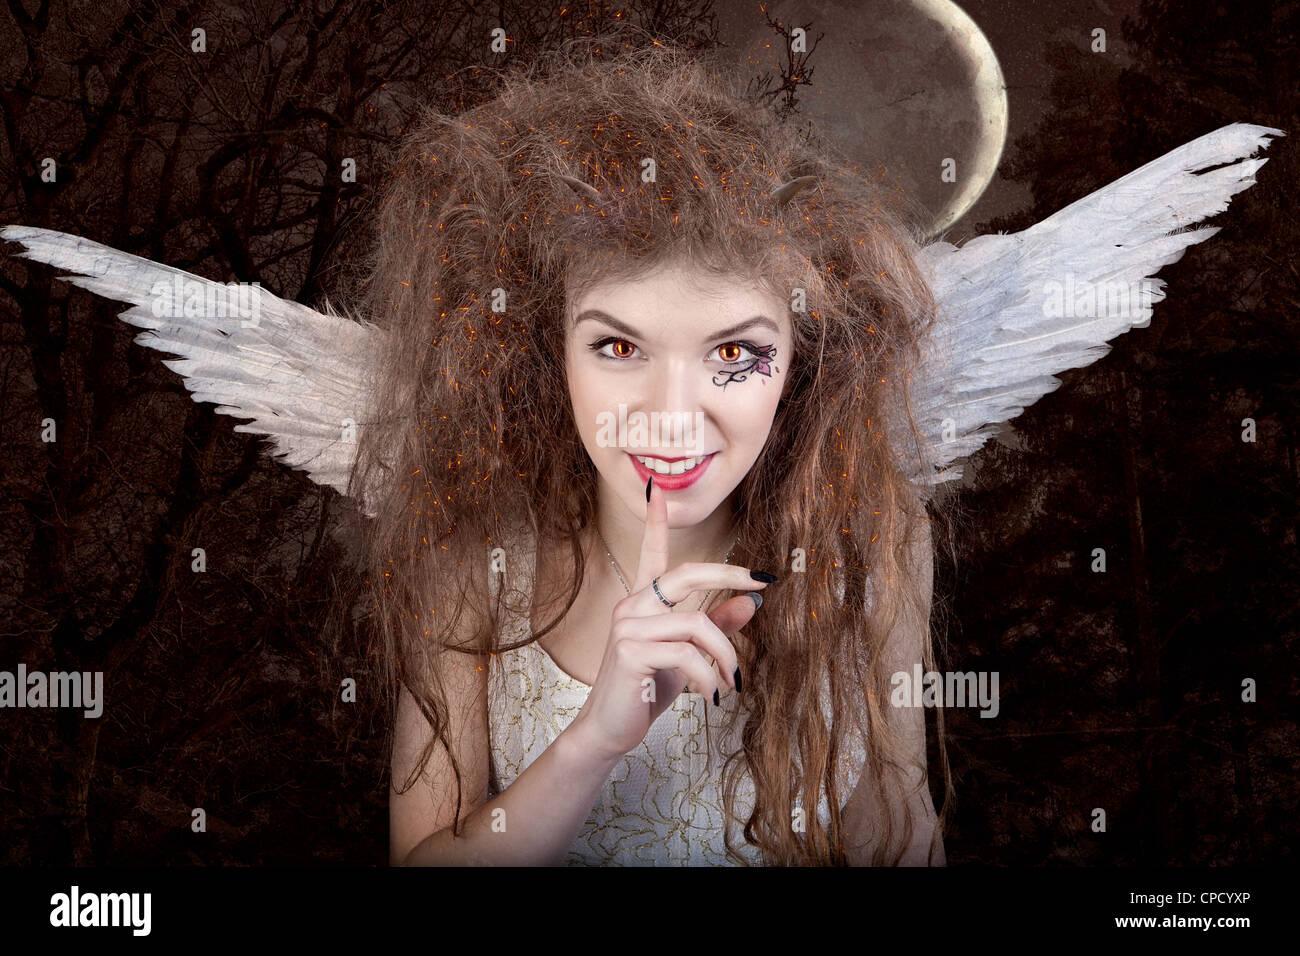 Bellissimo angelo con le corna, racconto di fantasia Immagini Stock